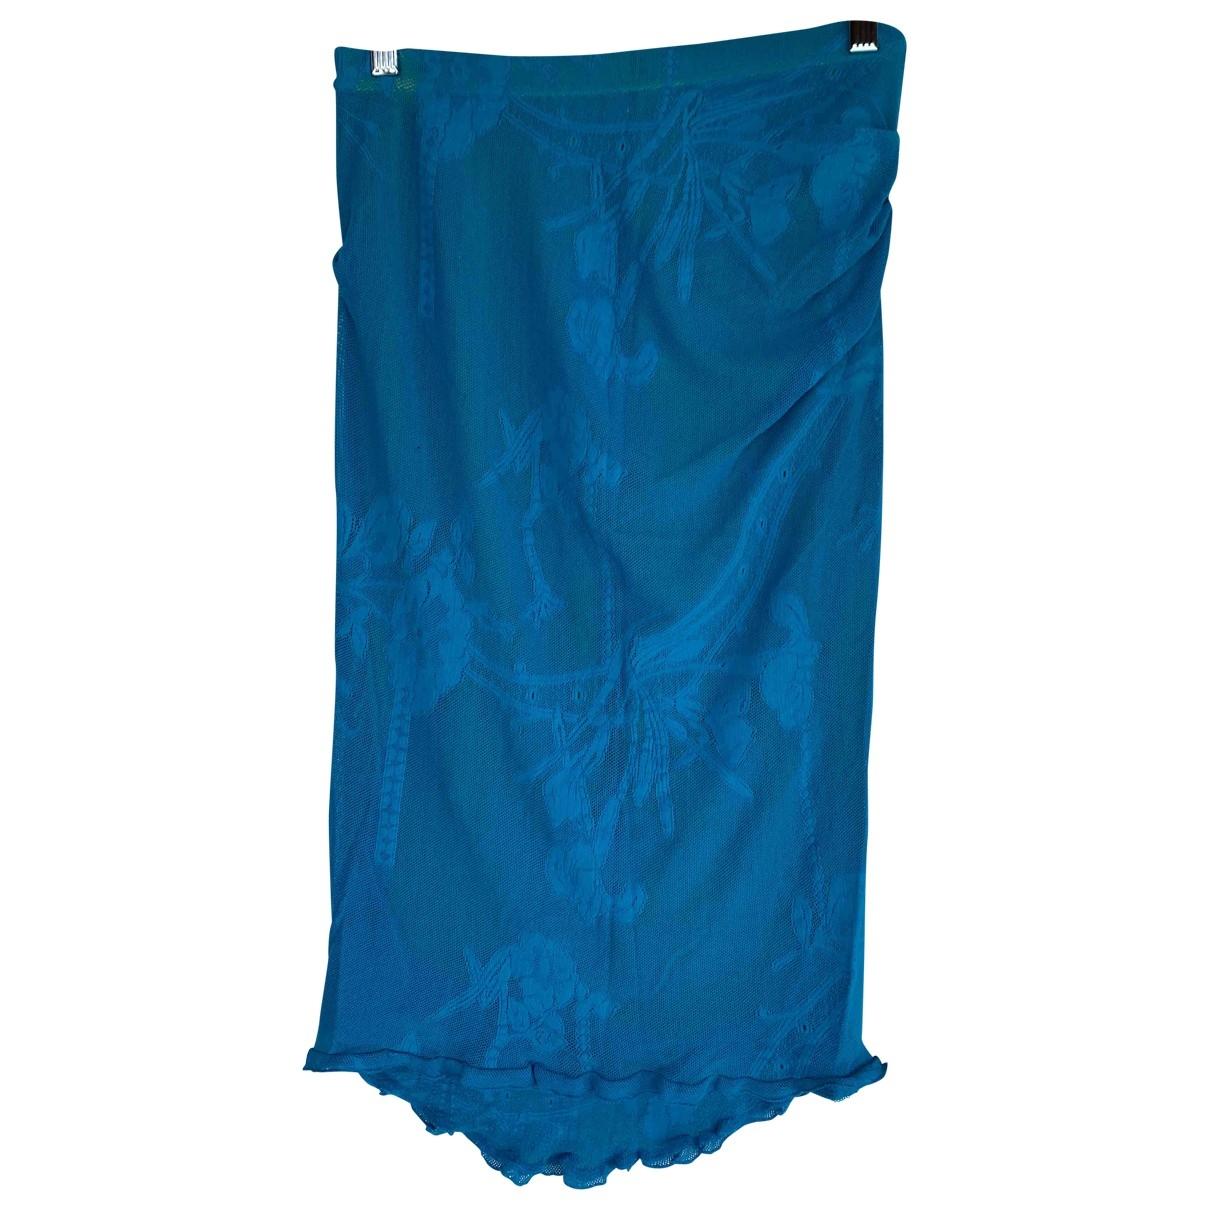 Karen Millen \N Turquoise skirt for Women 10 UK